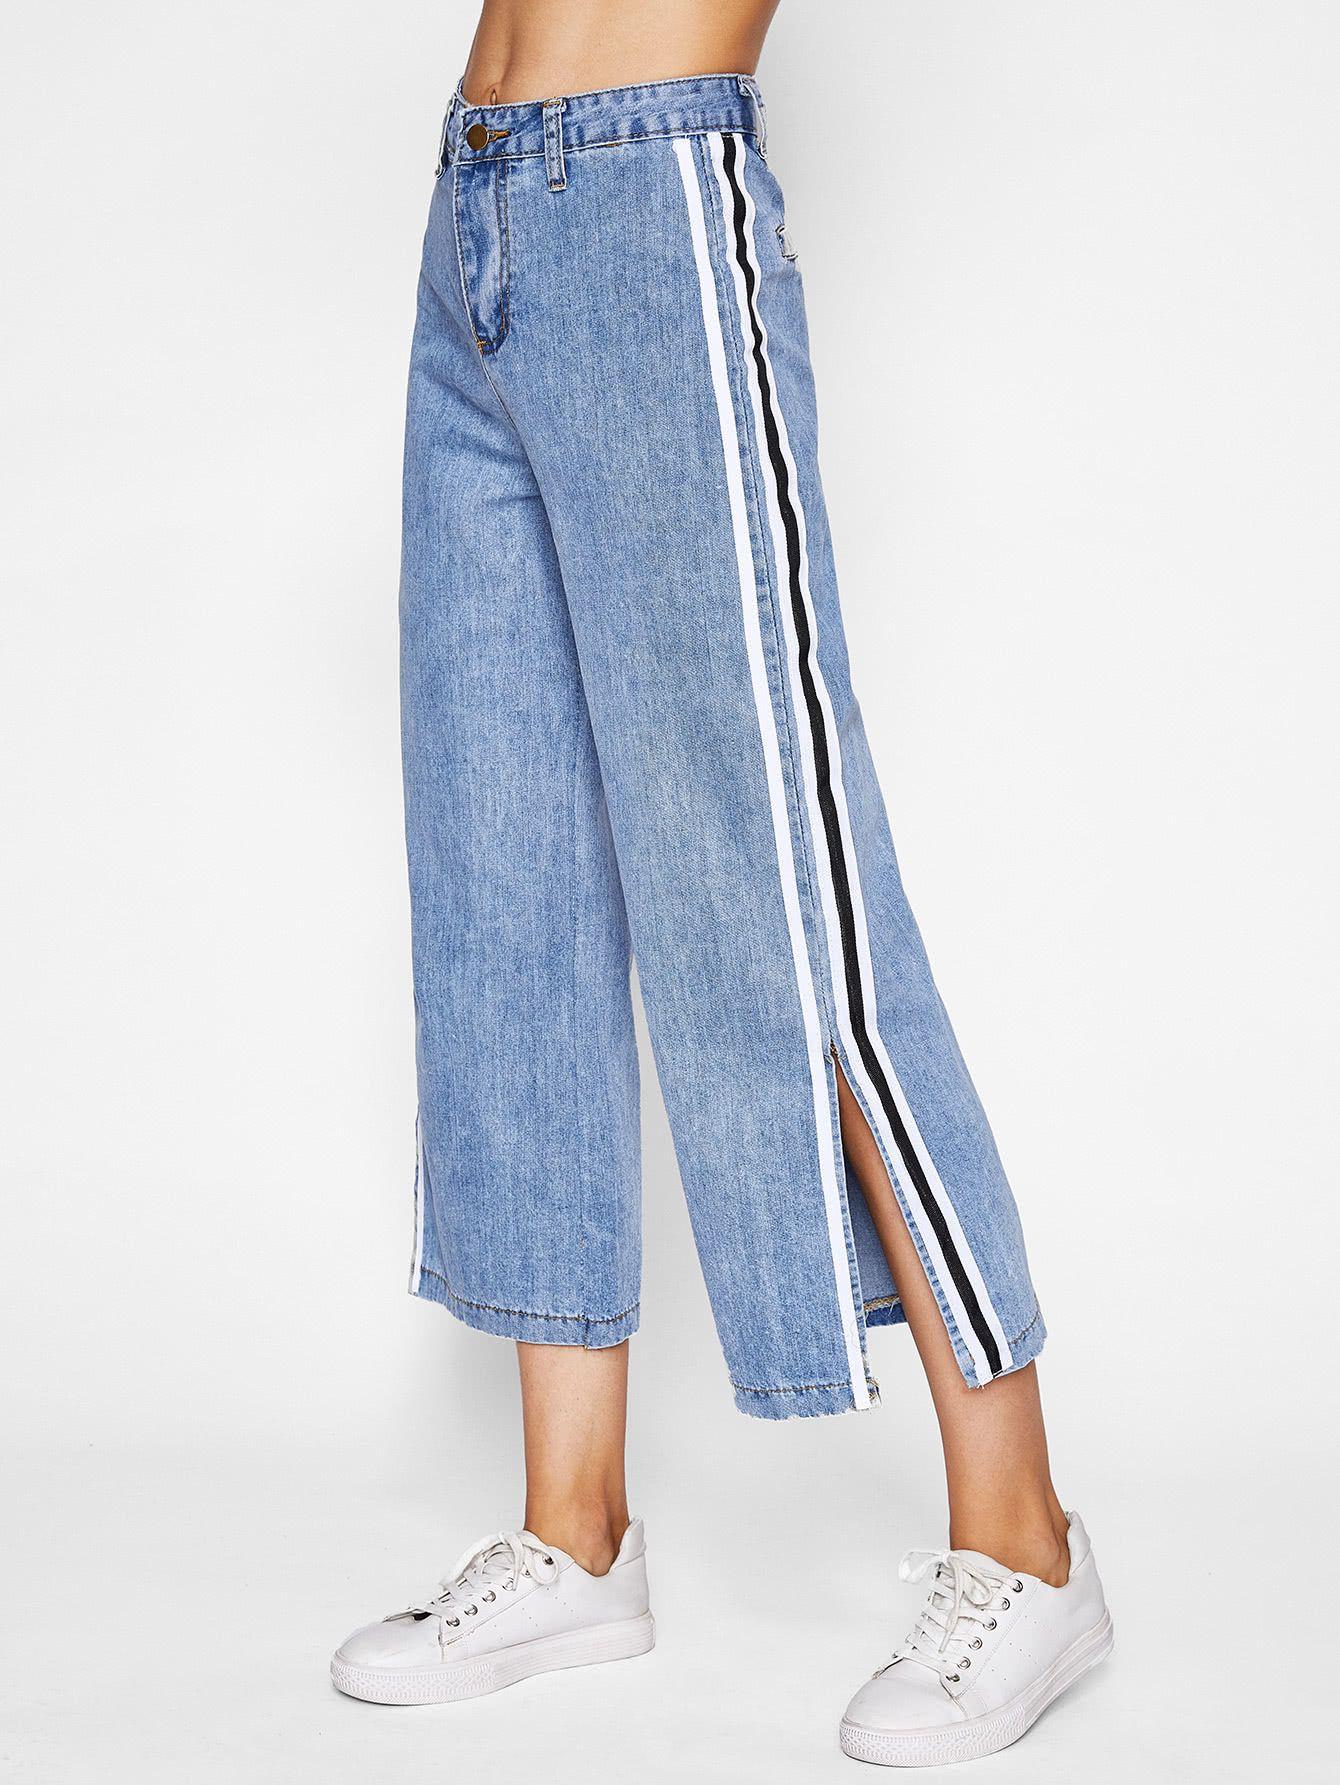 Vaqueros Anchos Contraste De Lado De Rayas Ropa De Moda Jeans De Moda Ropa